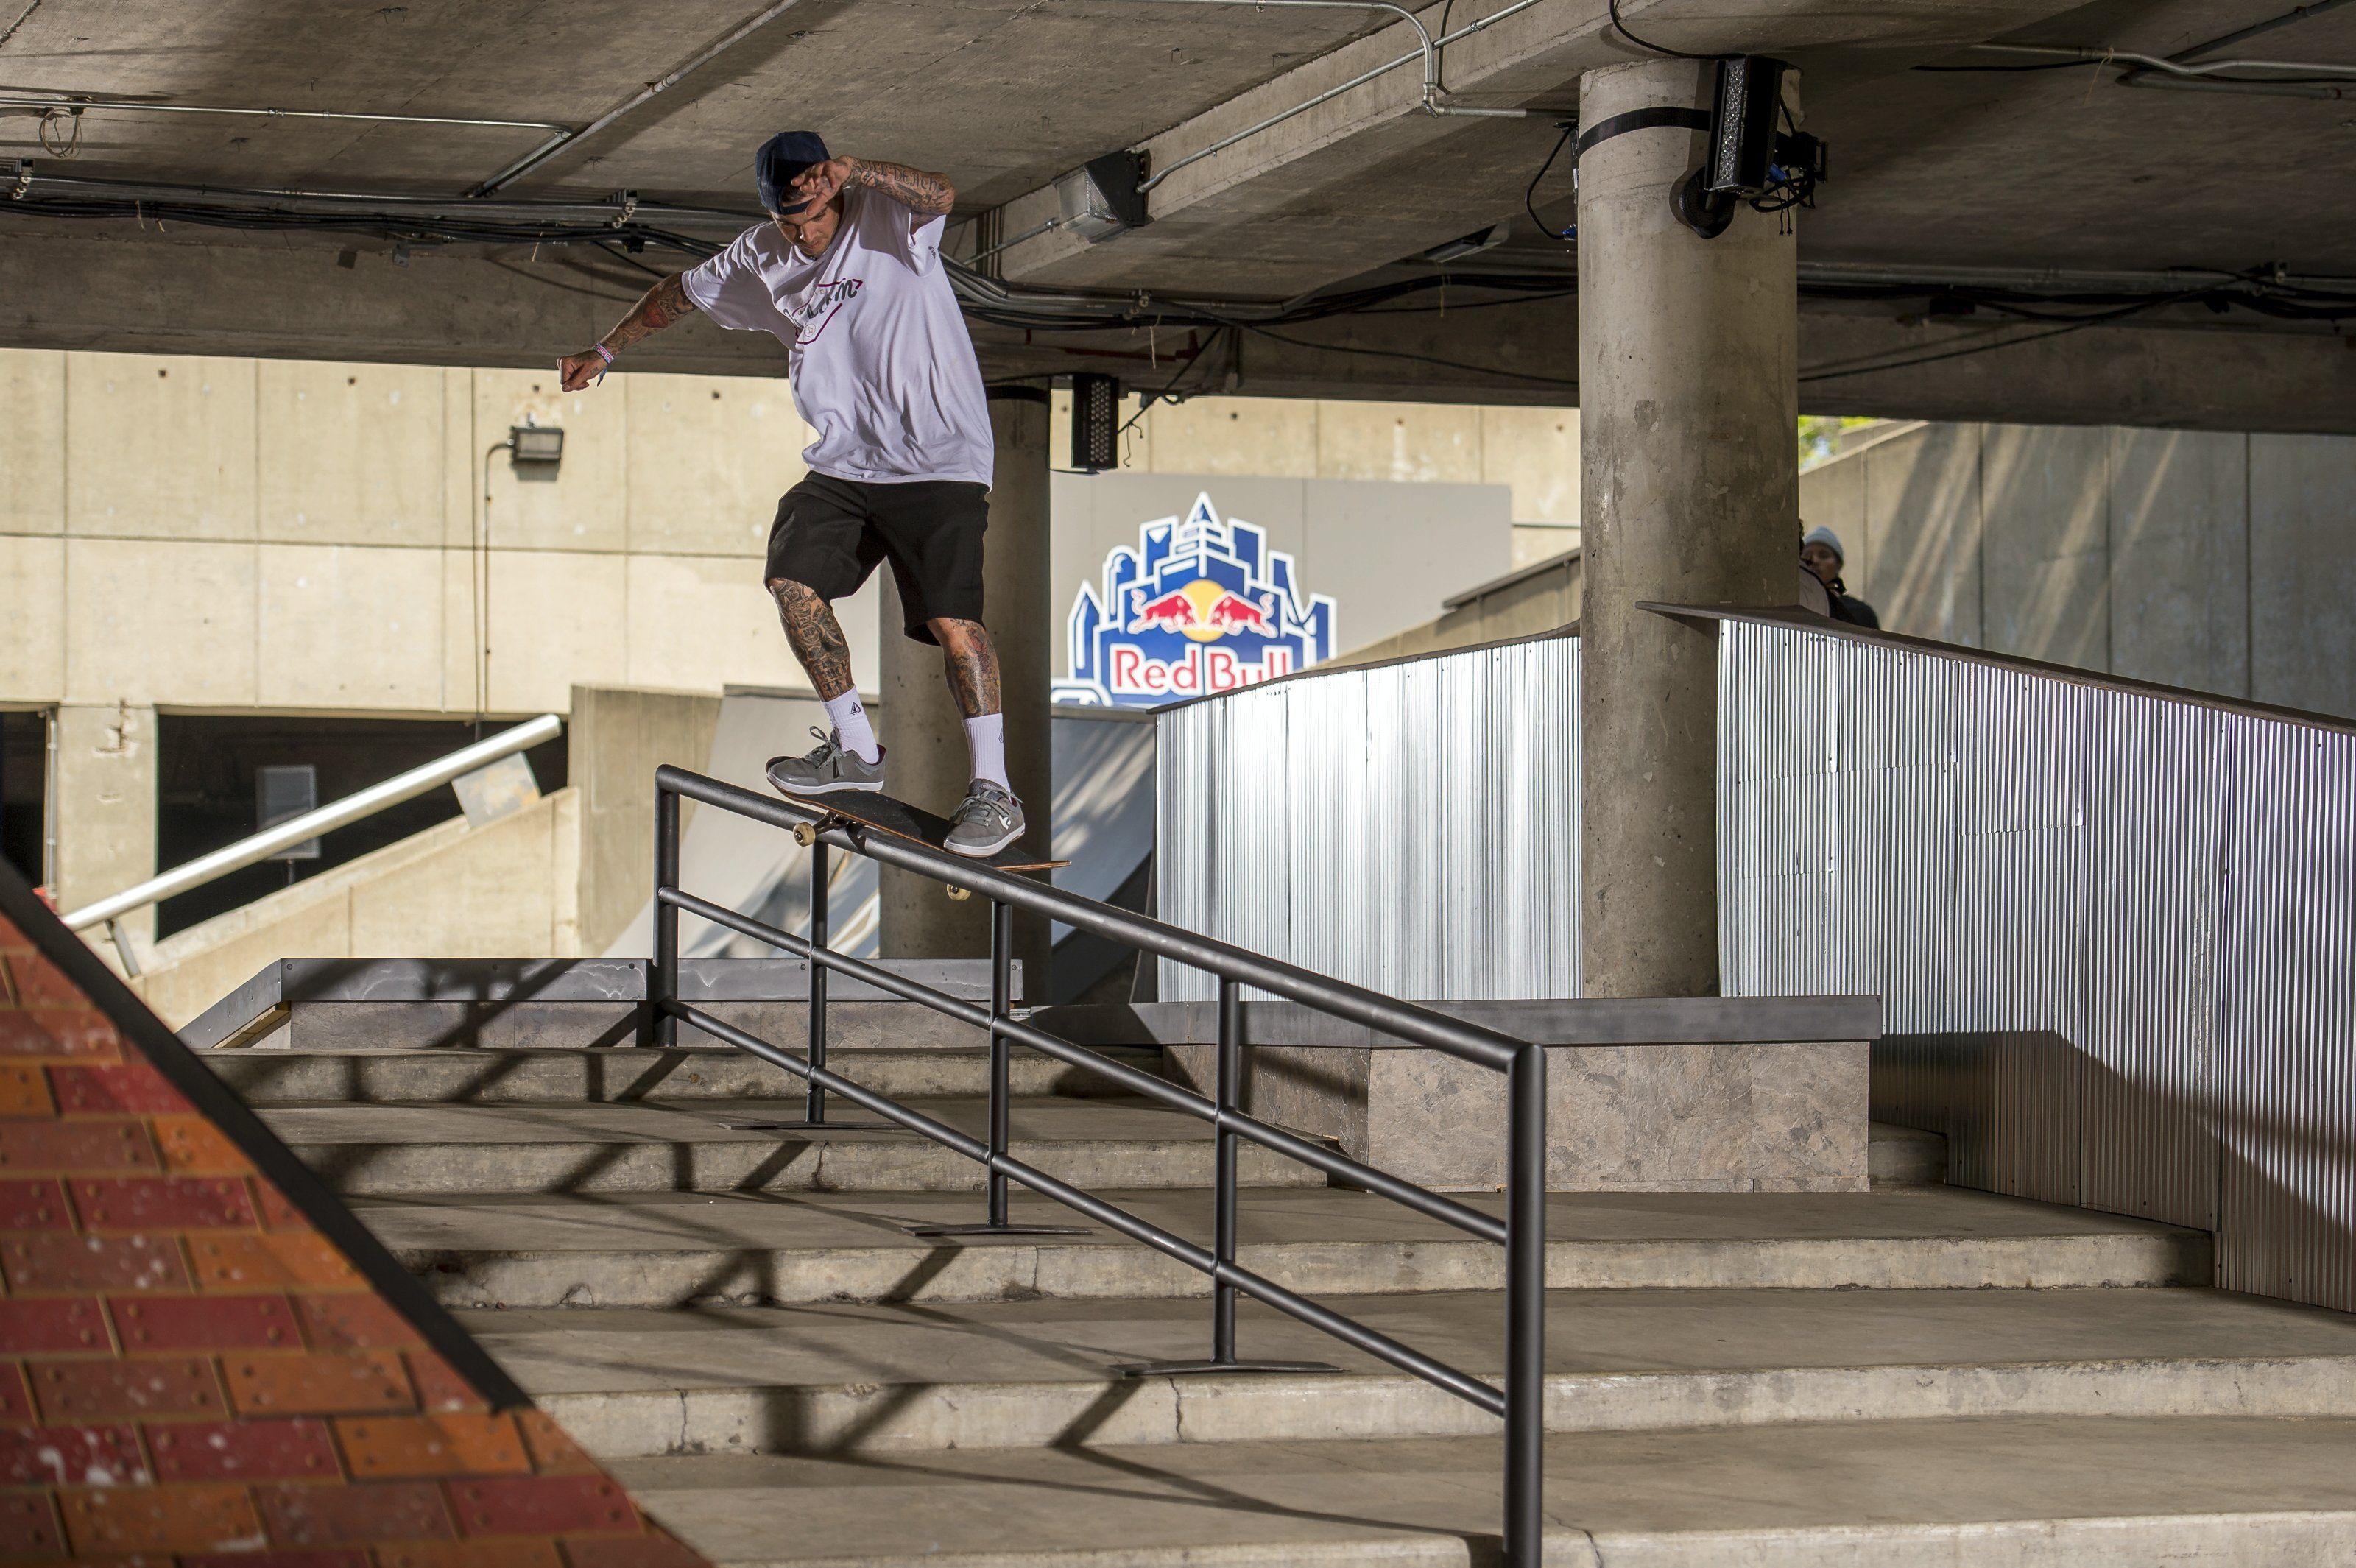 Come Meet Ryan Sheckler Skate At Modern Skate Park On April 2 2016 Skate Park Inline Skating Skate Surf